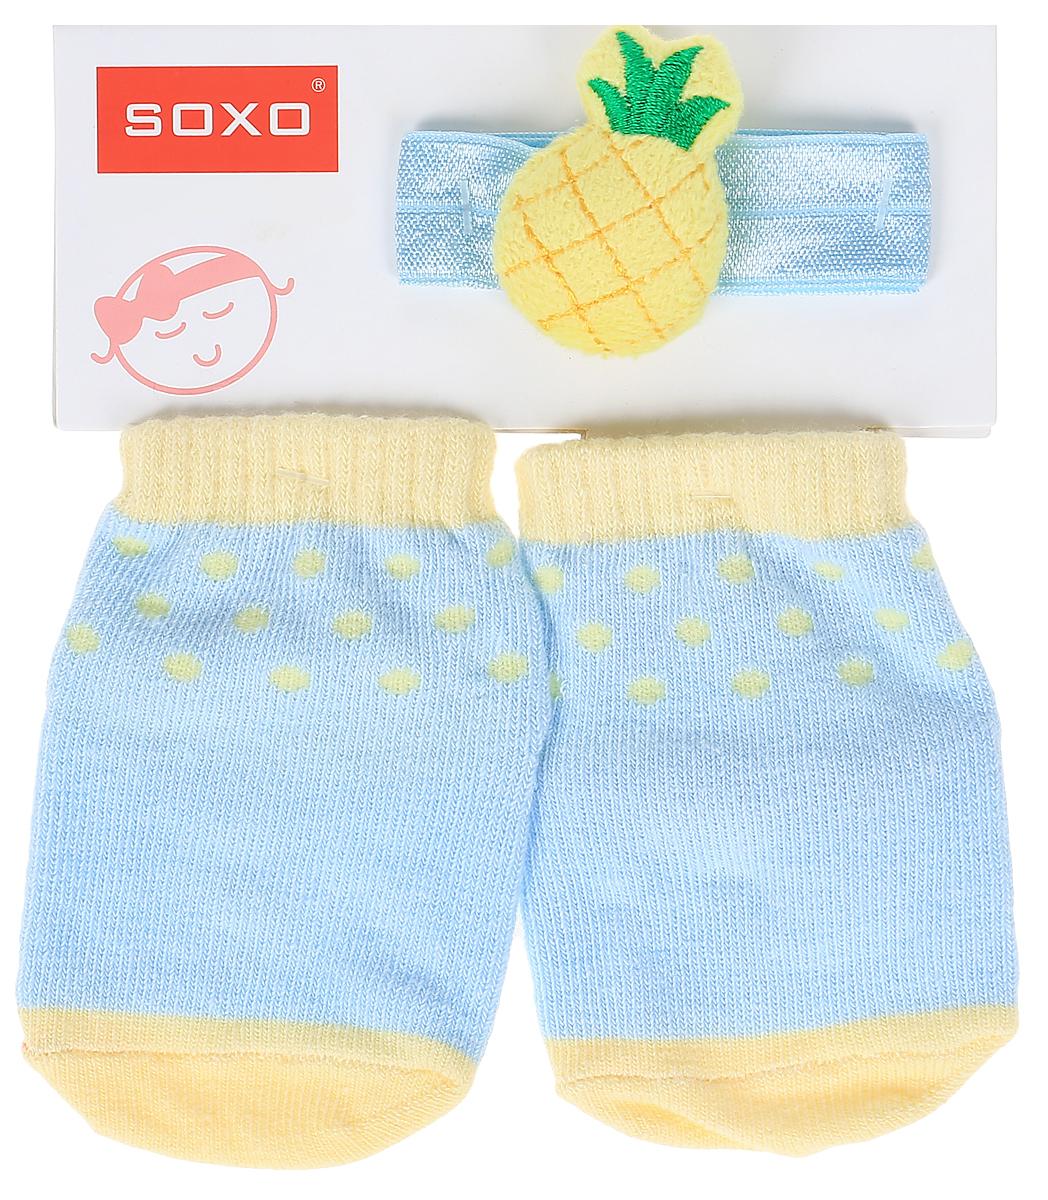 Комплект детский Soxo: носки и повязка на голову, цвет: голубой. 65014_3. Размер 16/1865014_3